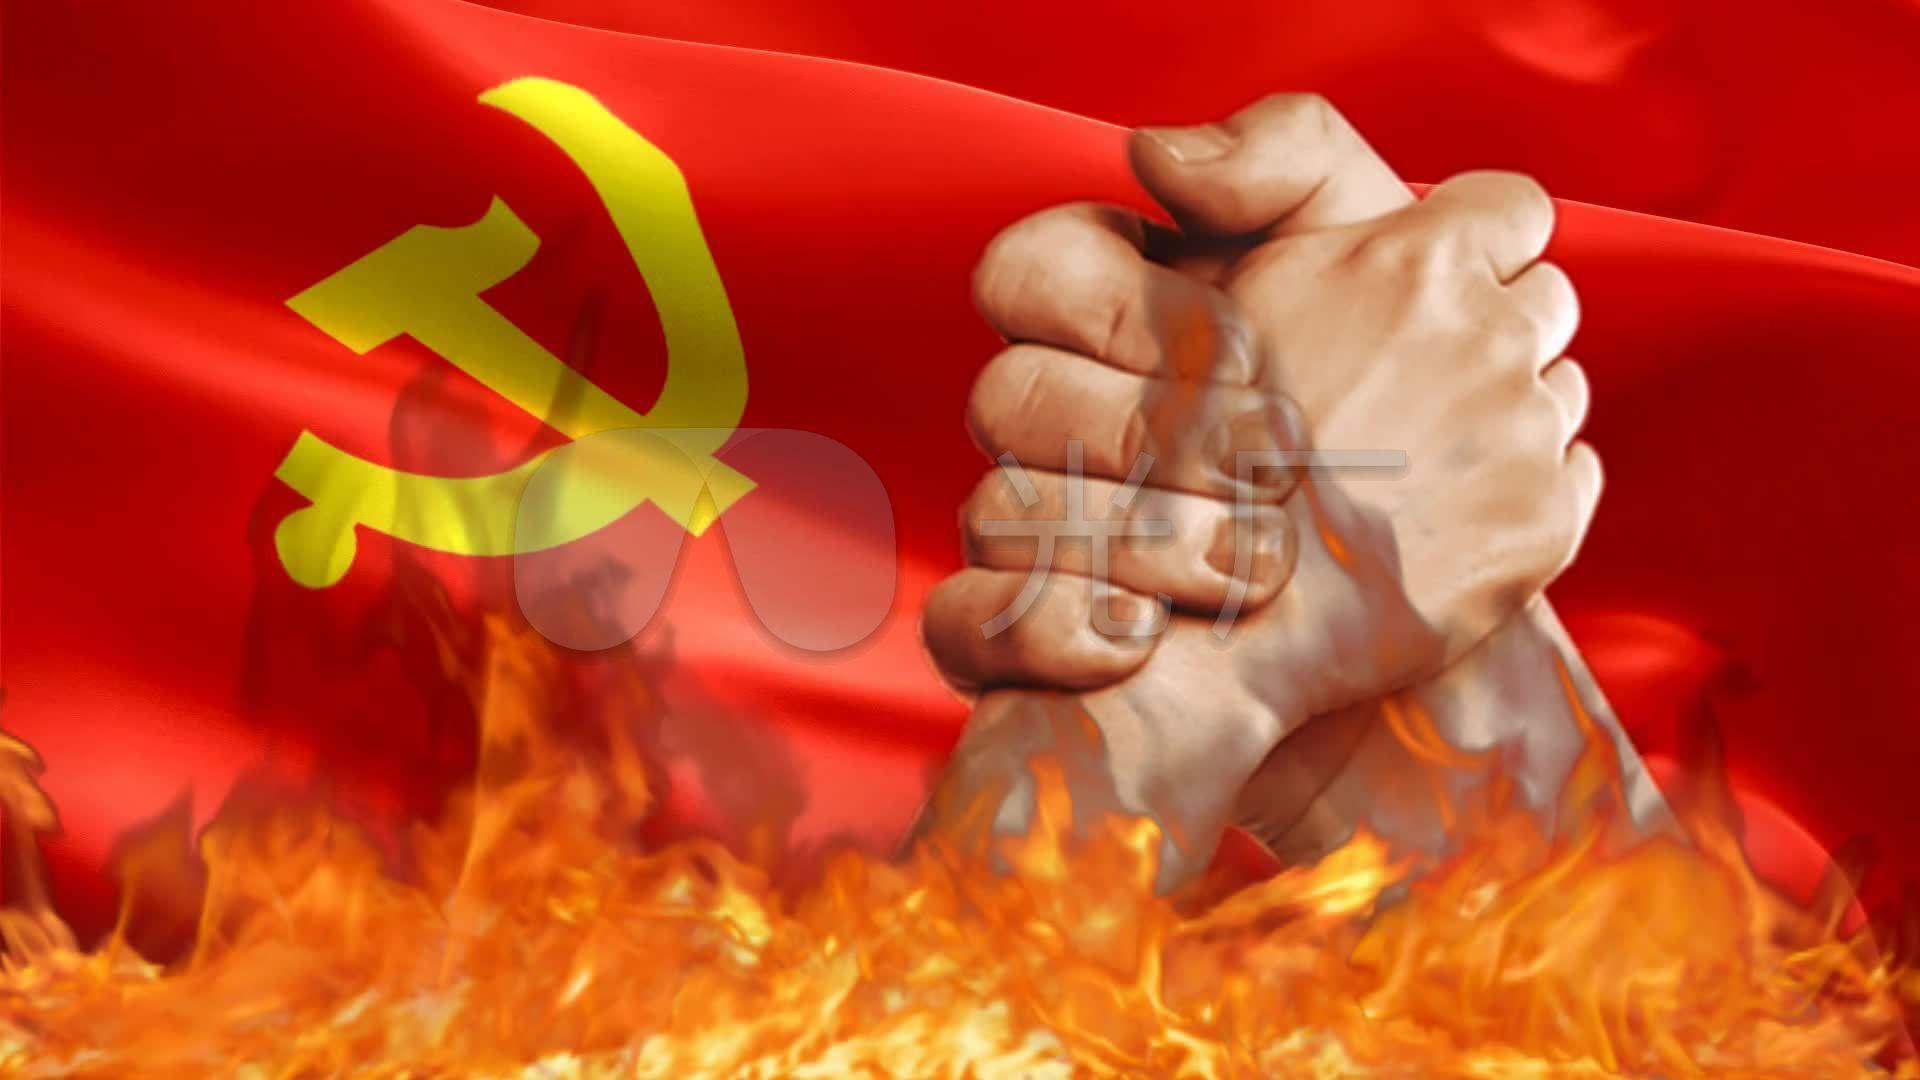 团结就是力量歌曲背景_1920X1080_高清视频